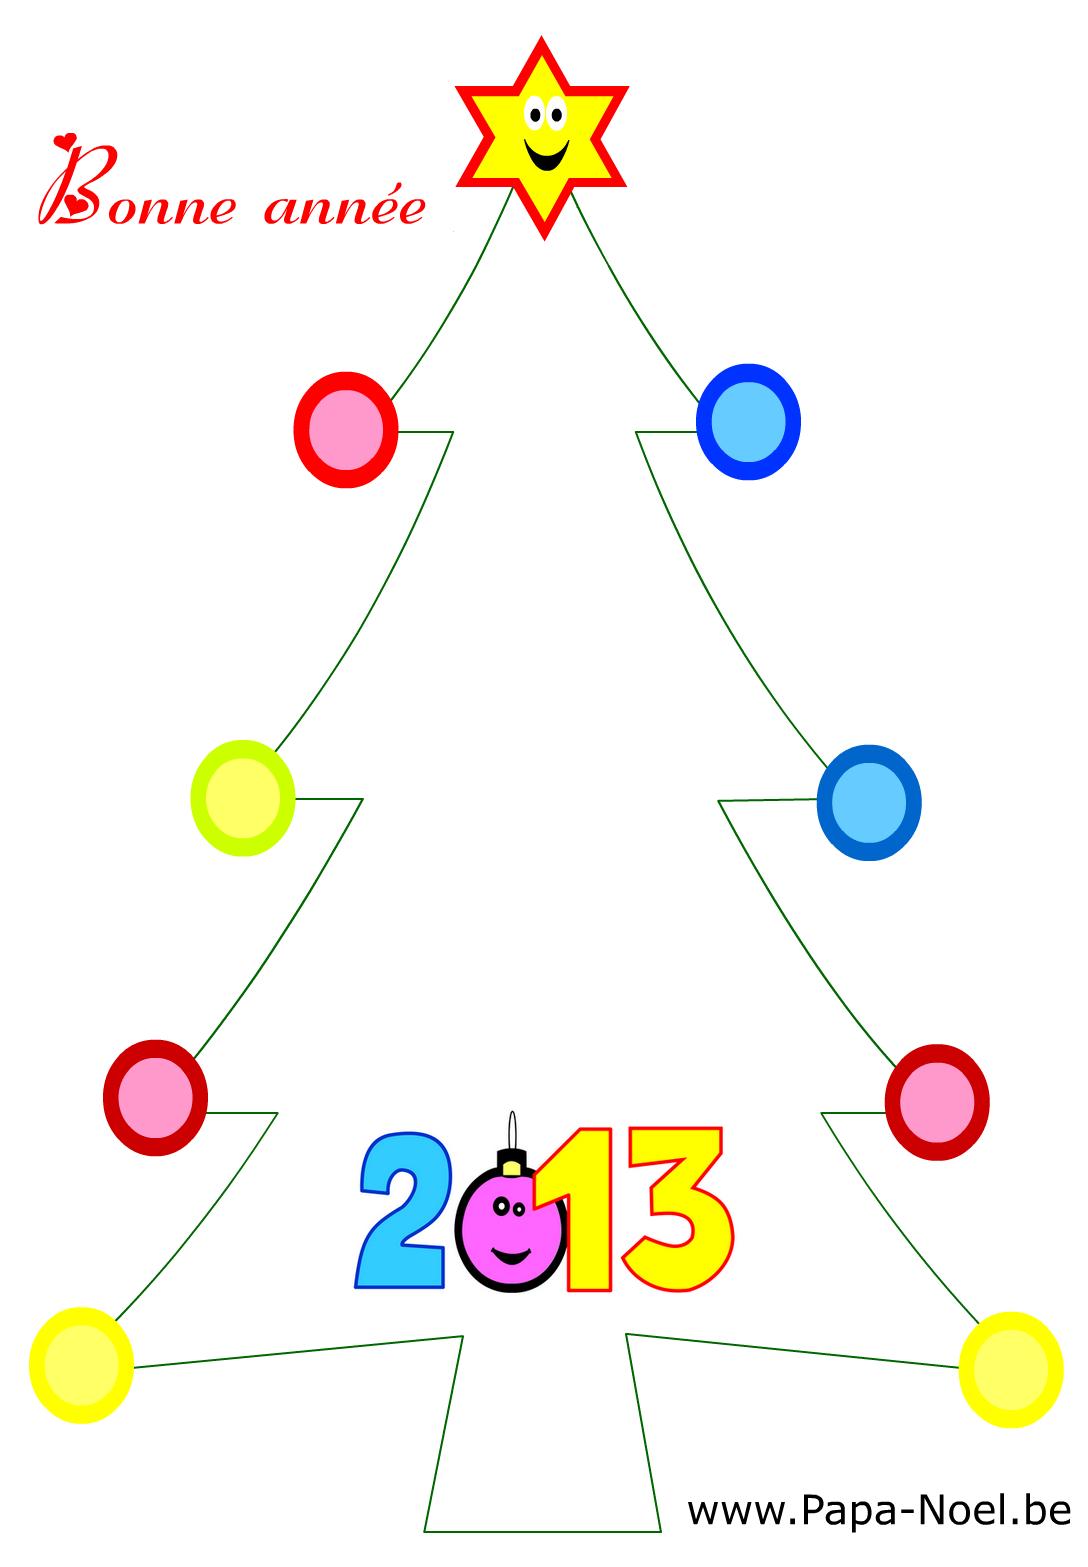 Coloriage de carte Bonne année 2013 Fabriquer faire cartes nouvel